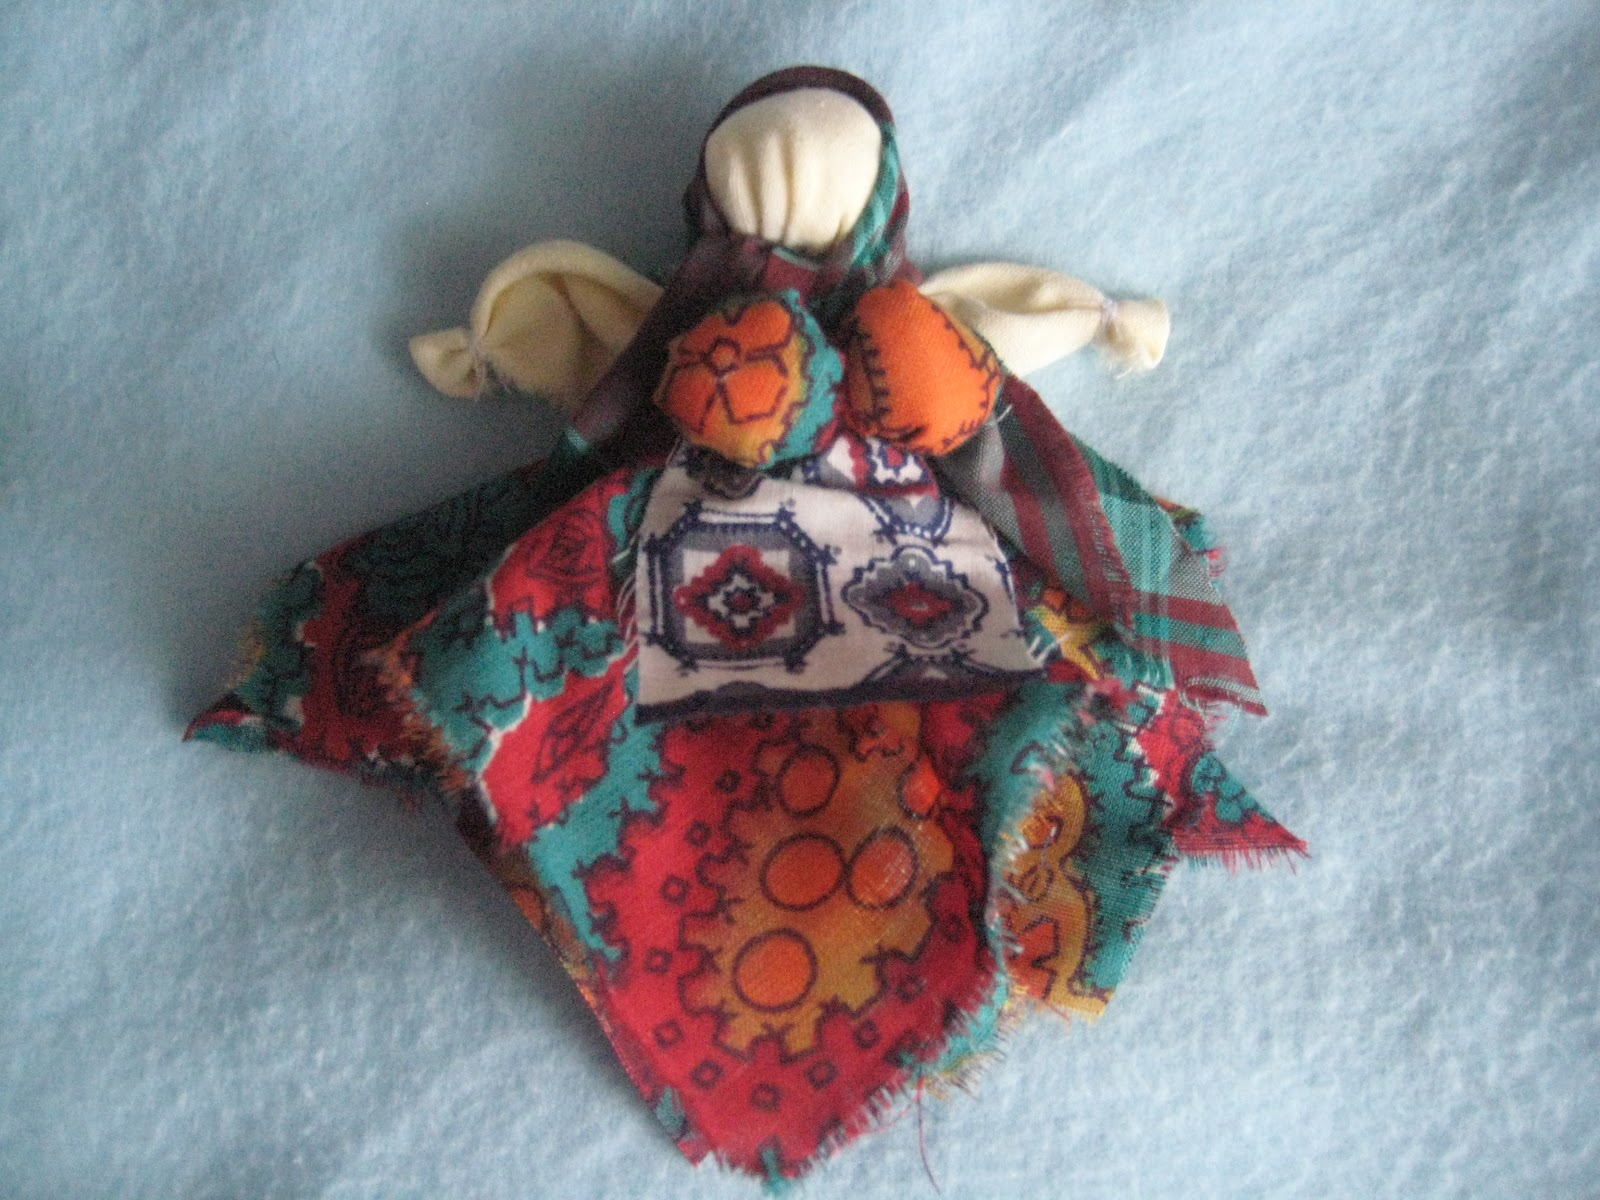 Как сделать тряпичную куклу своими руками: мастер-класс 75